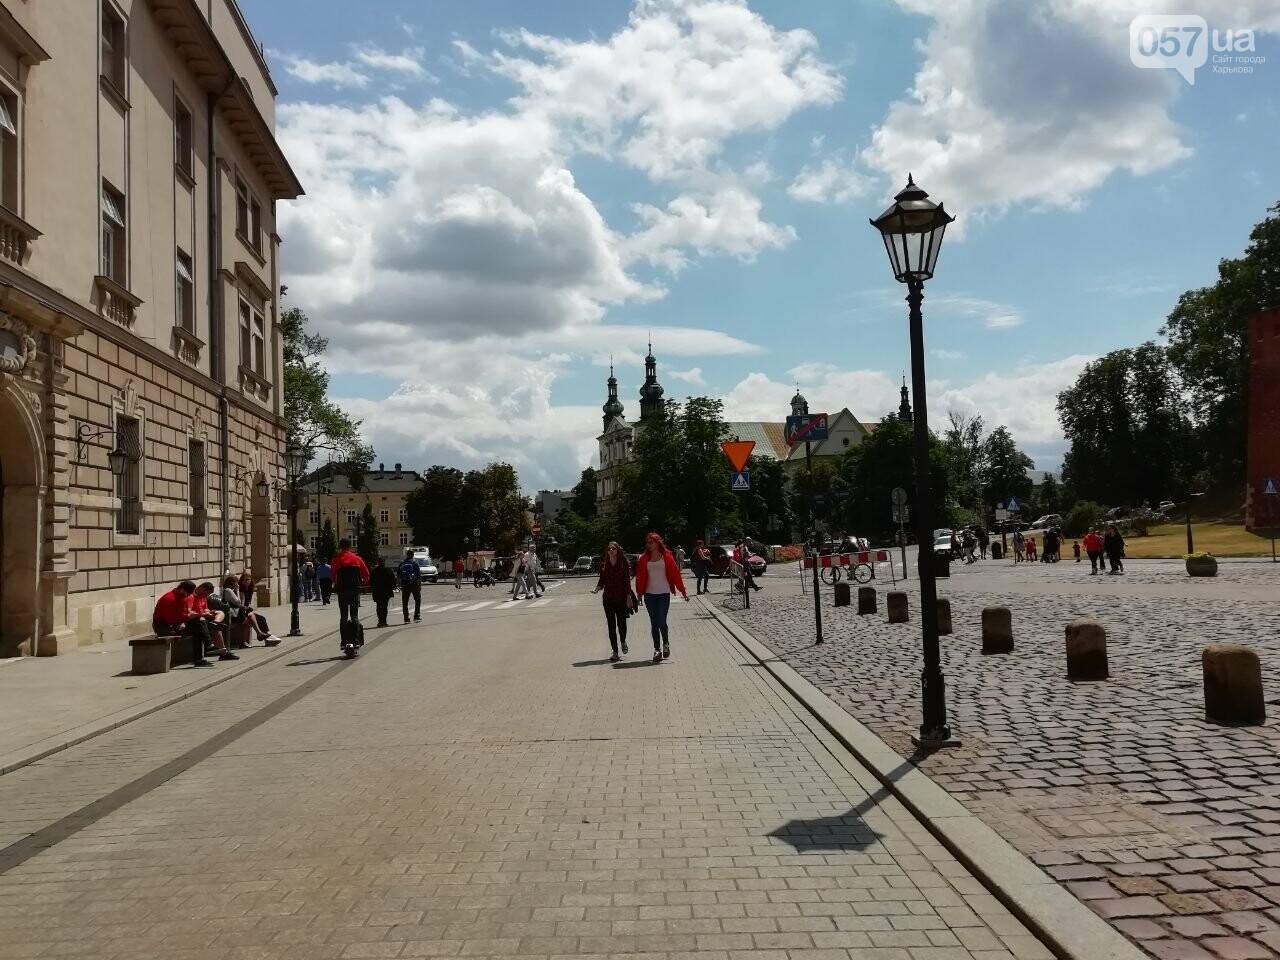 Из Харькова в Краков: Королевский замок, средневековые здания и музей под землей, - ФОТО, фото-5